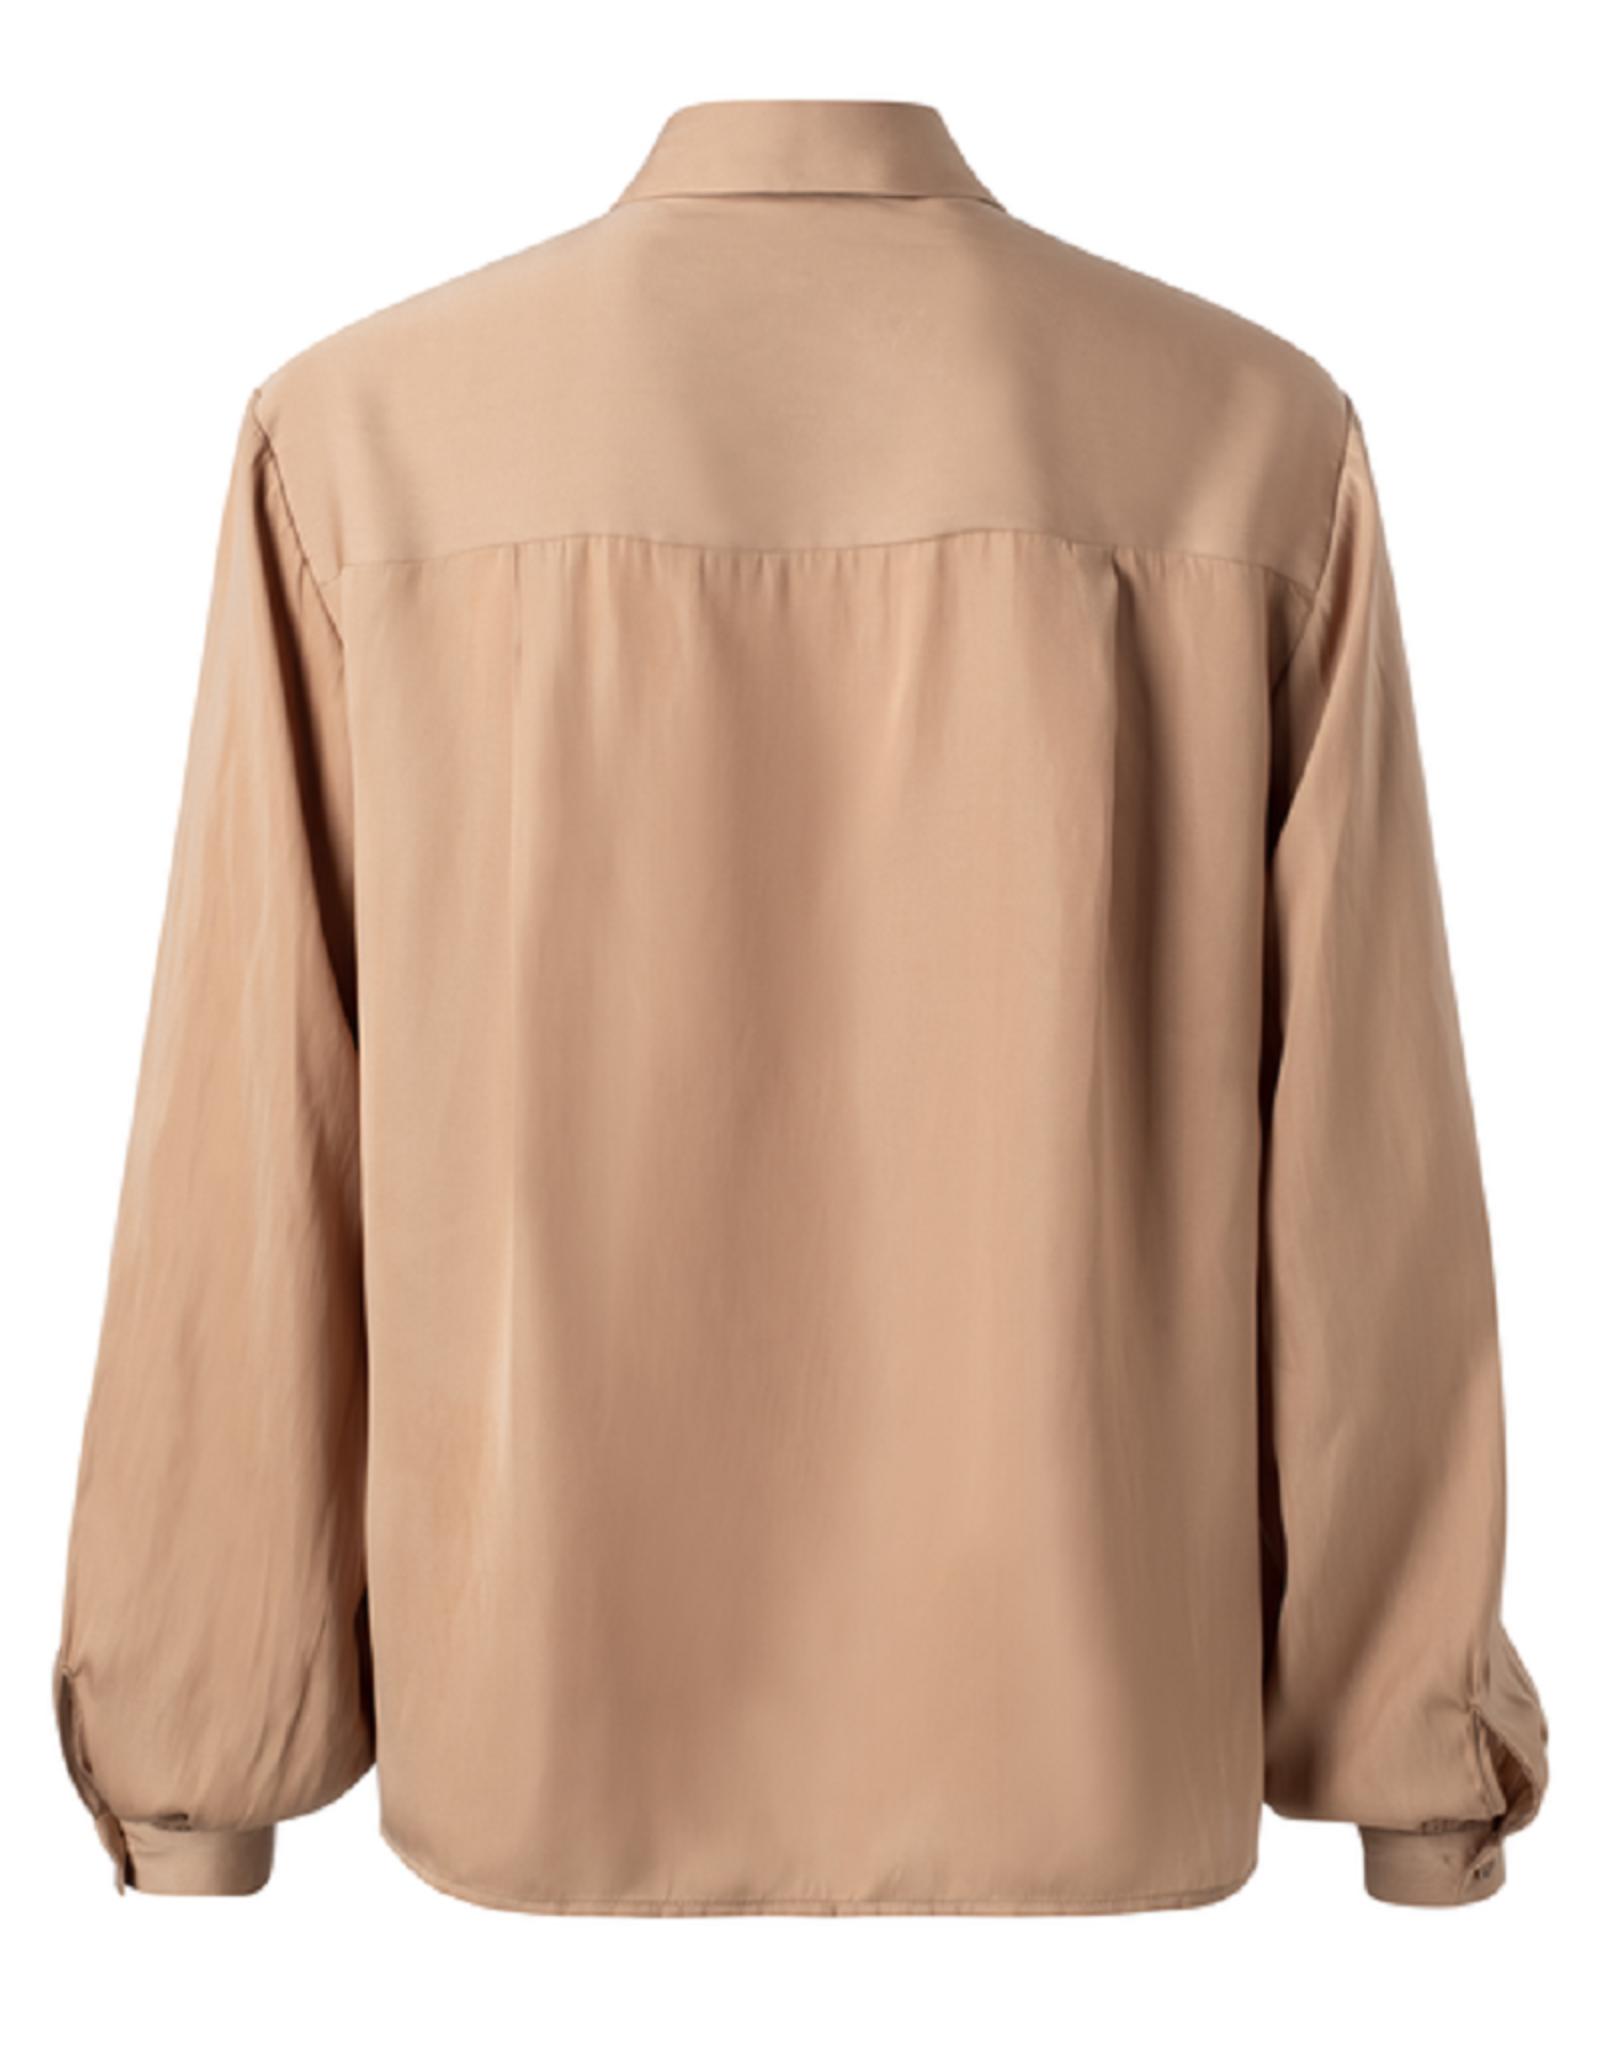 Yaya Yaya Satin shirt with puff sleeves Dusty toffee